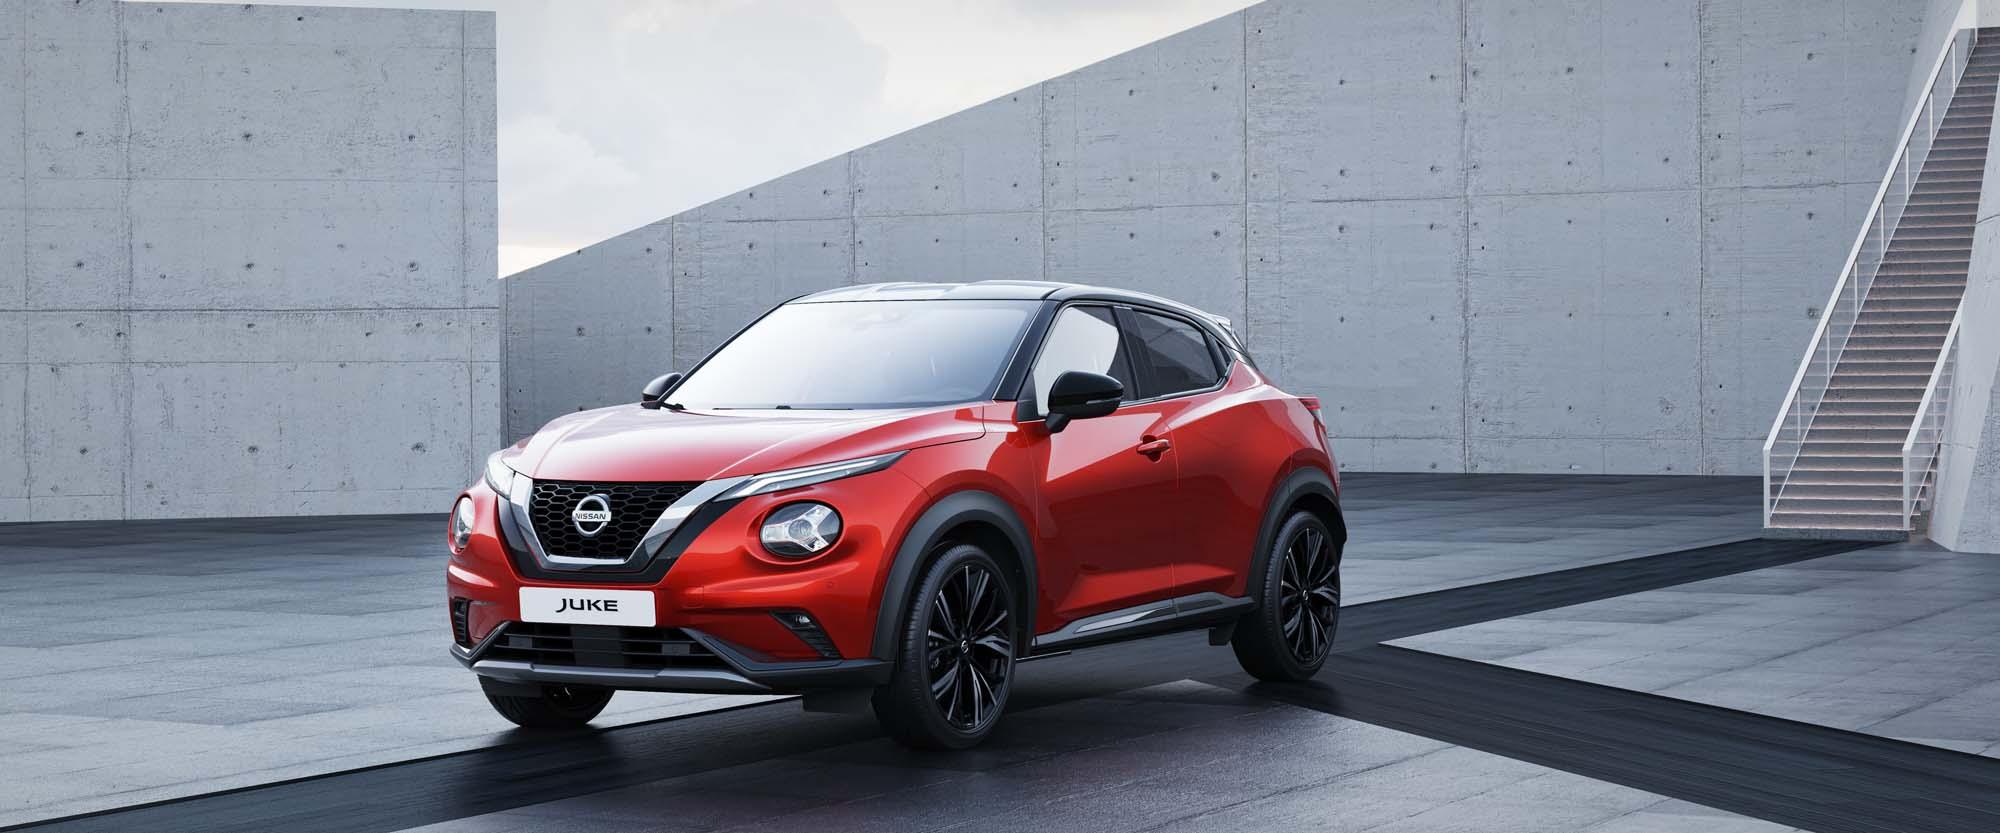 Nissan-Juke-2020-60